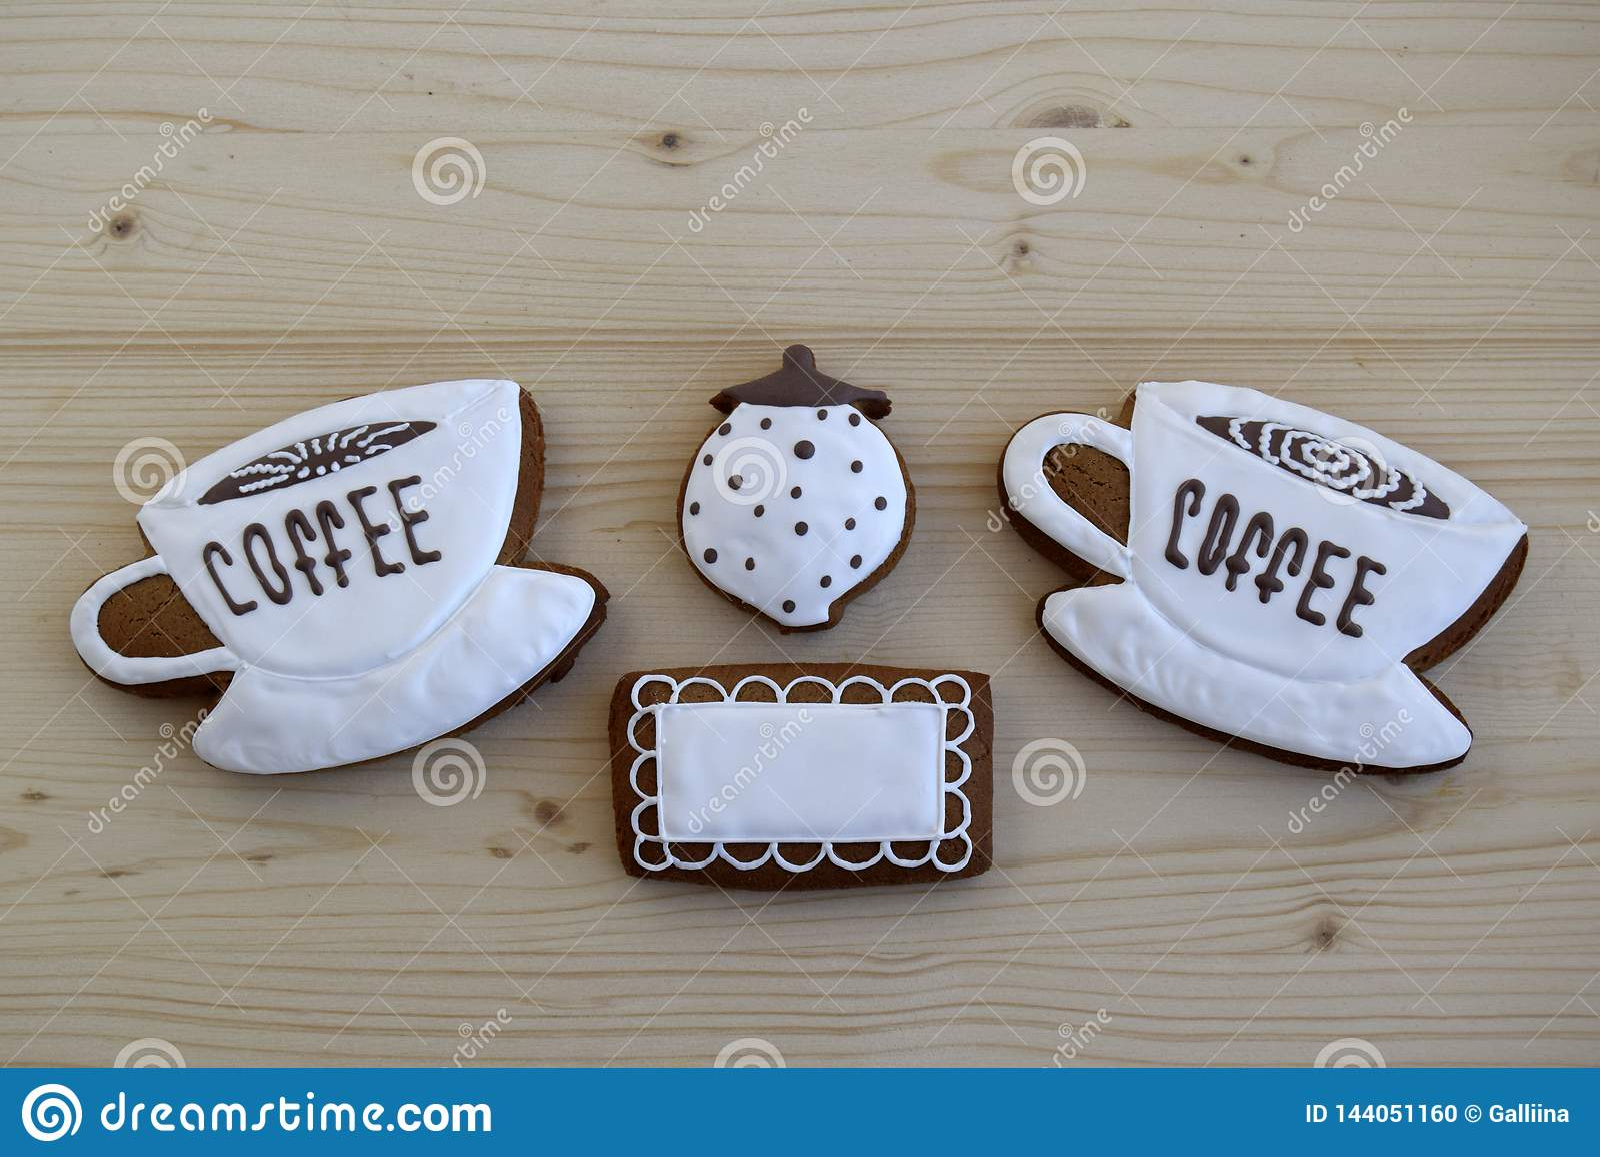 Lebkuchen in Form von Schalen mit Kaffee, eine Serviette, eine Zuckerschüssel